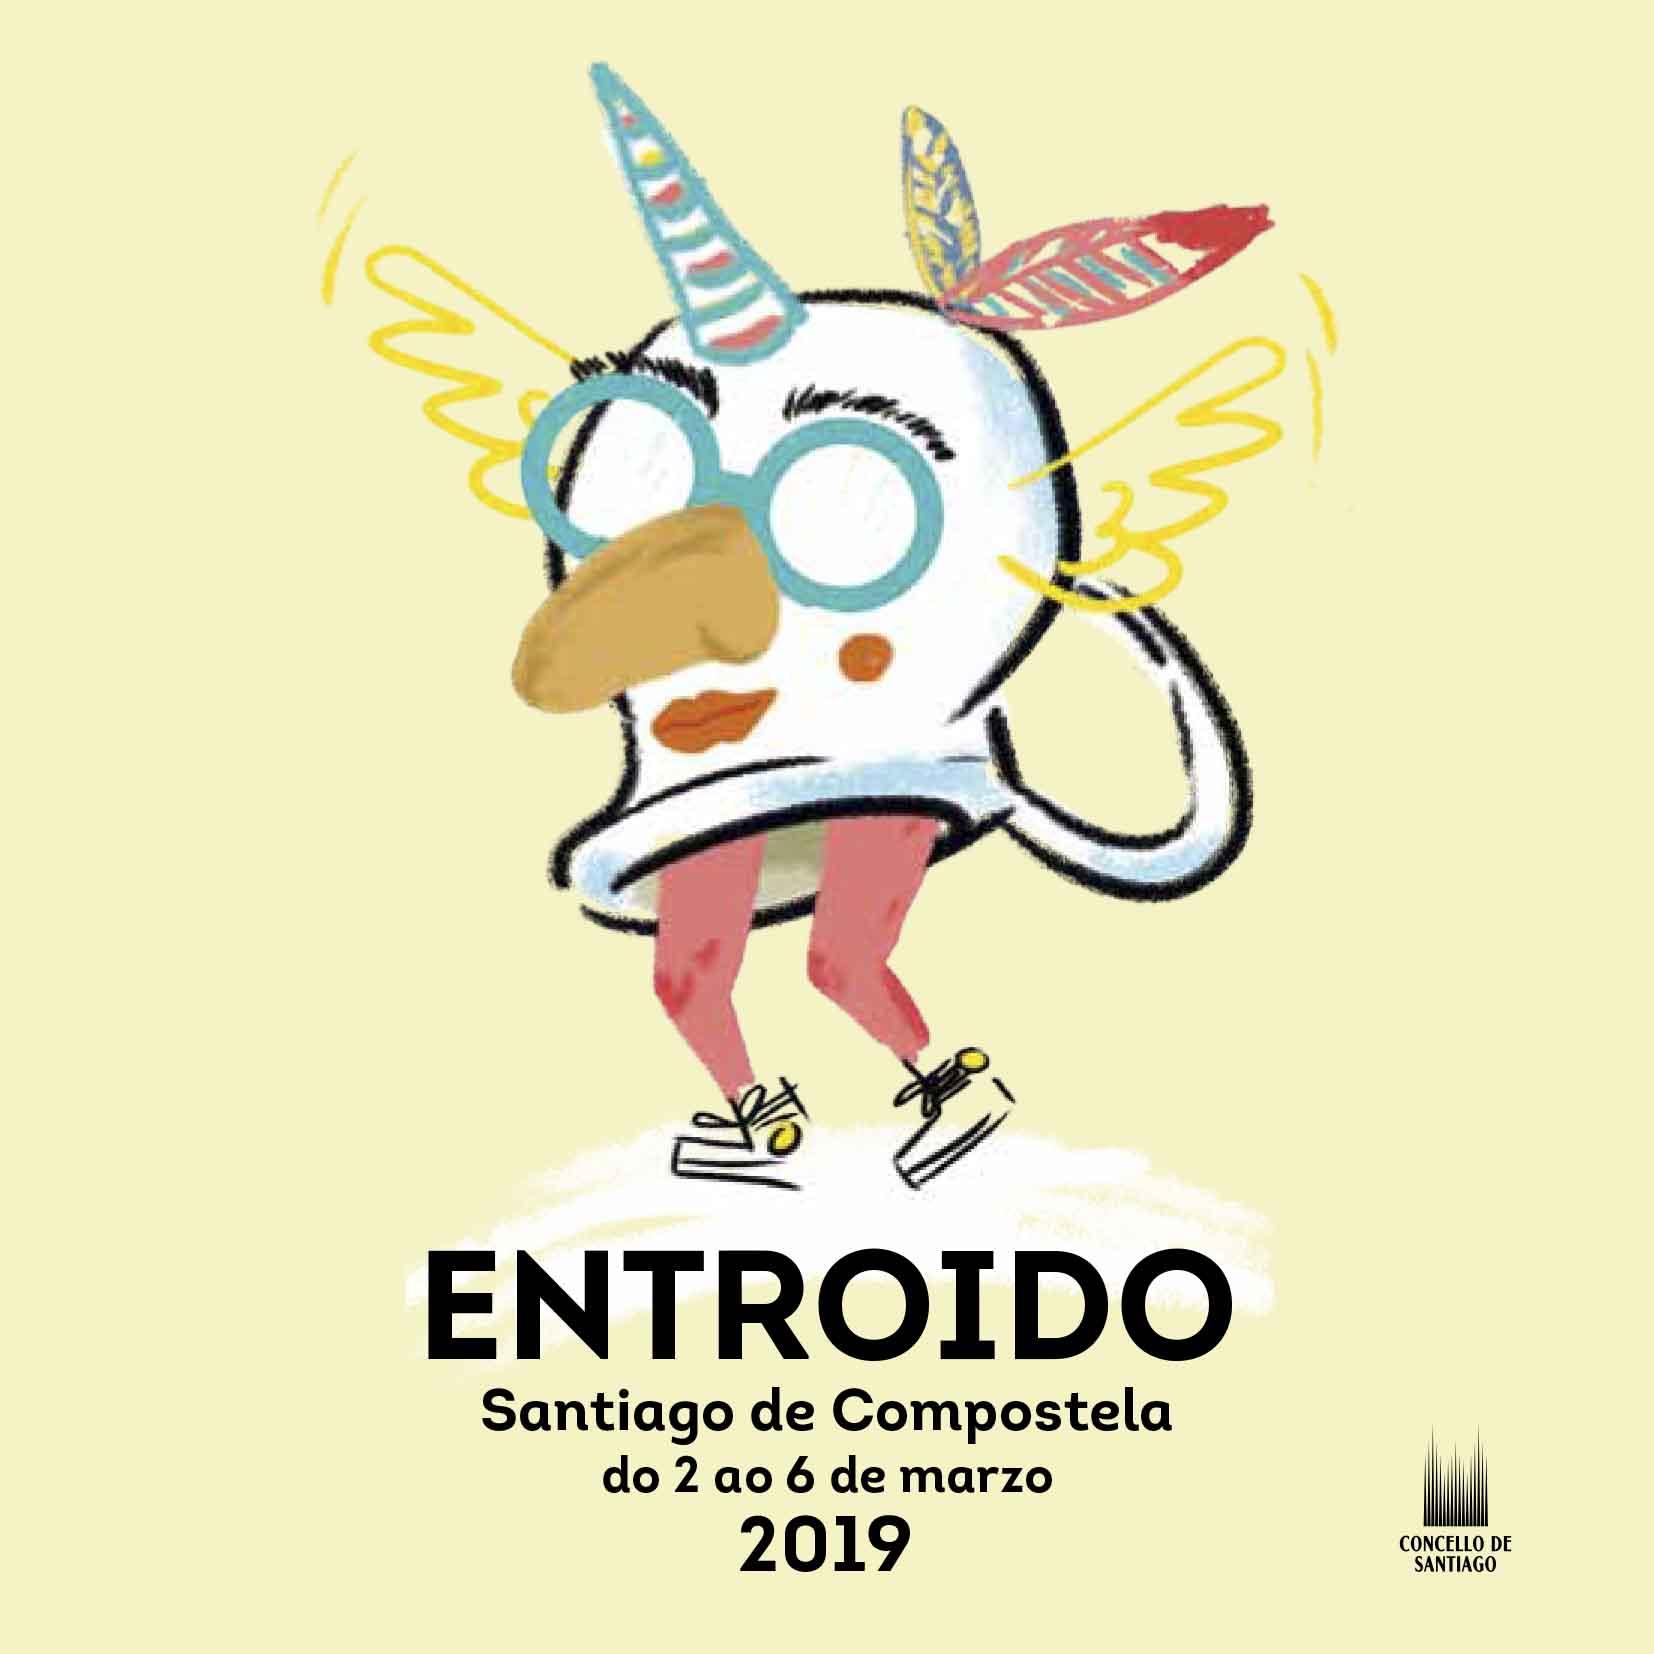 folleto_Entroido_2019_santiago